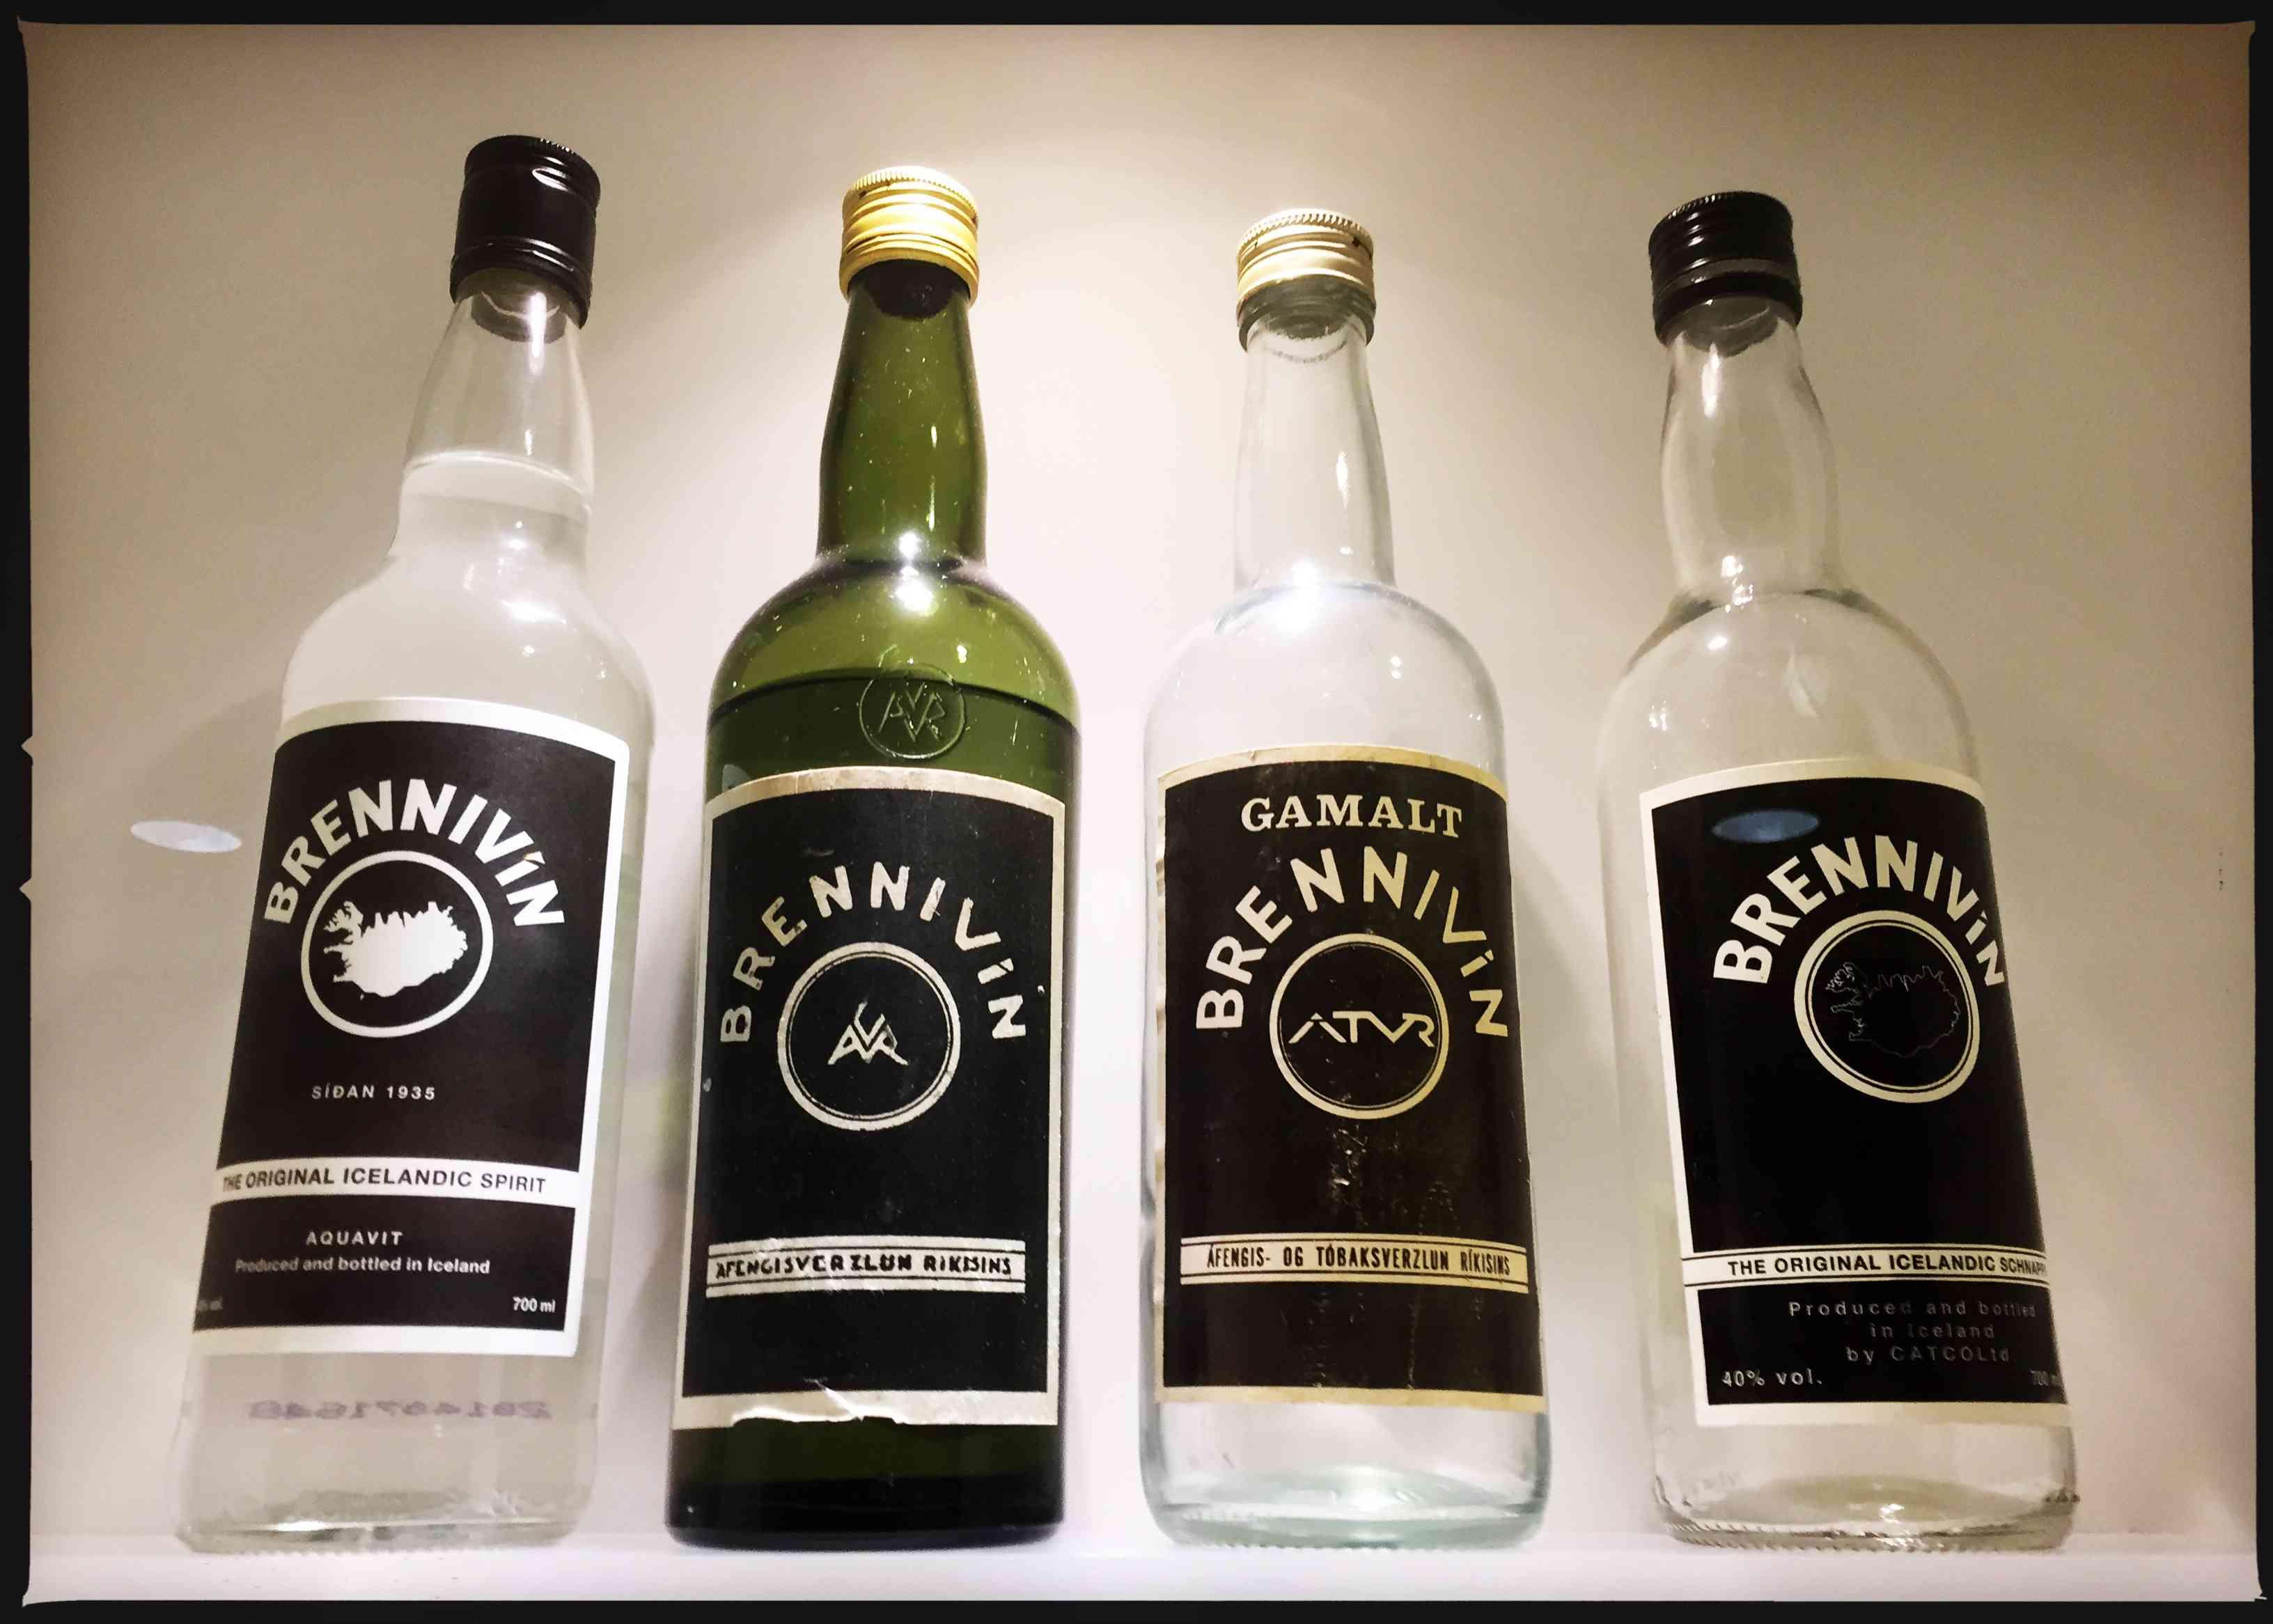 Four vintage bottles of Brennivin